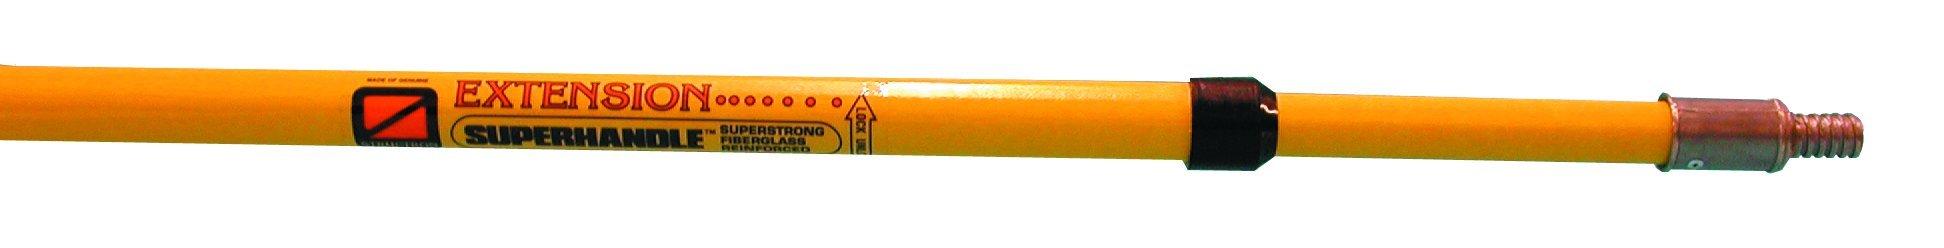 Magnolia Brush Cam-Loc 48 Heavy Duty Aluminum Alloy Cam-Loc with Fiberglass Extension Handle, 4' - 8' Length (Case of 6) by Magnolia Brush